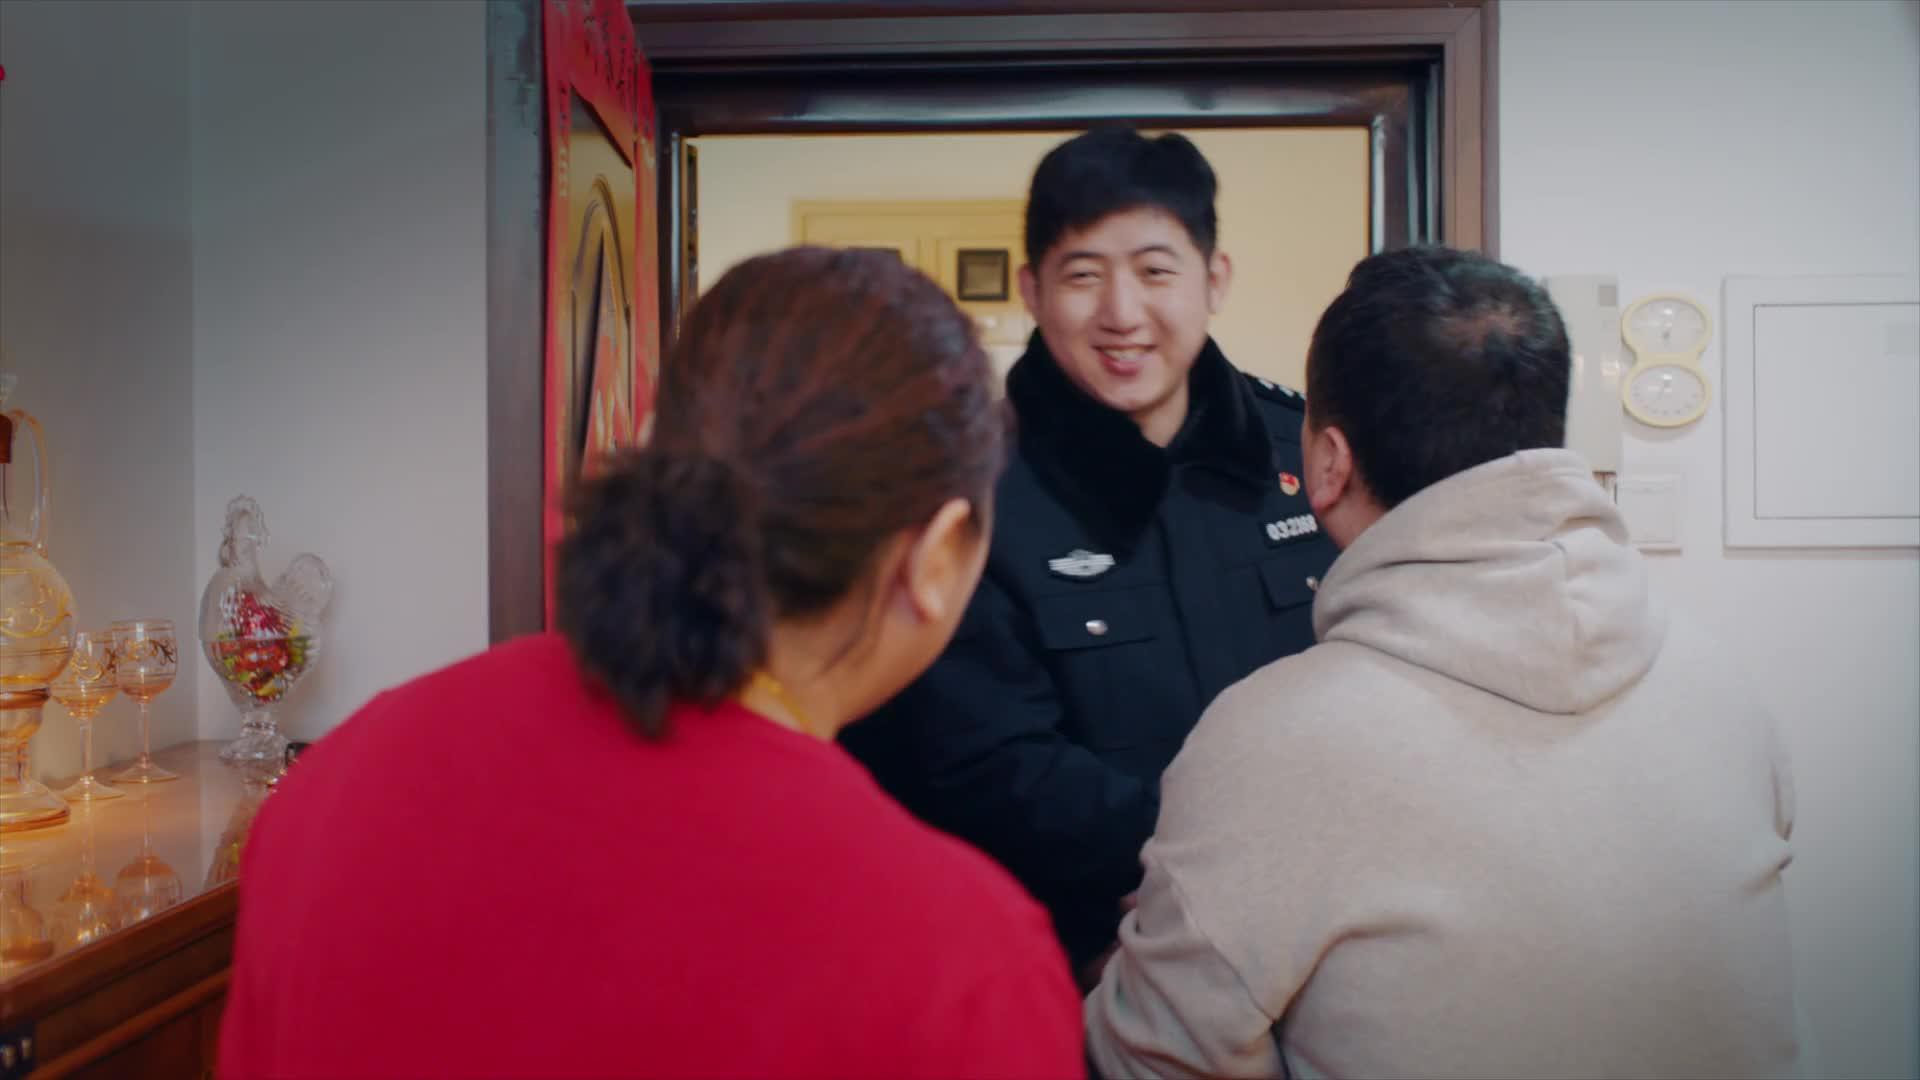 [视频]2019年春节元宵公共安全防范提示公益宣传片